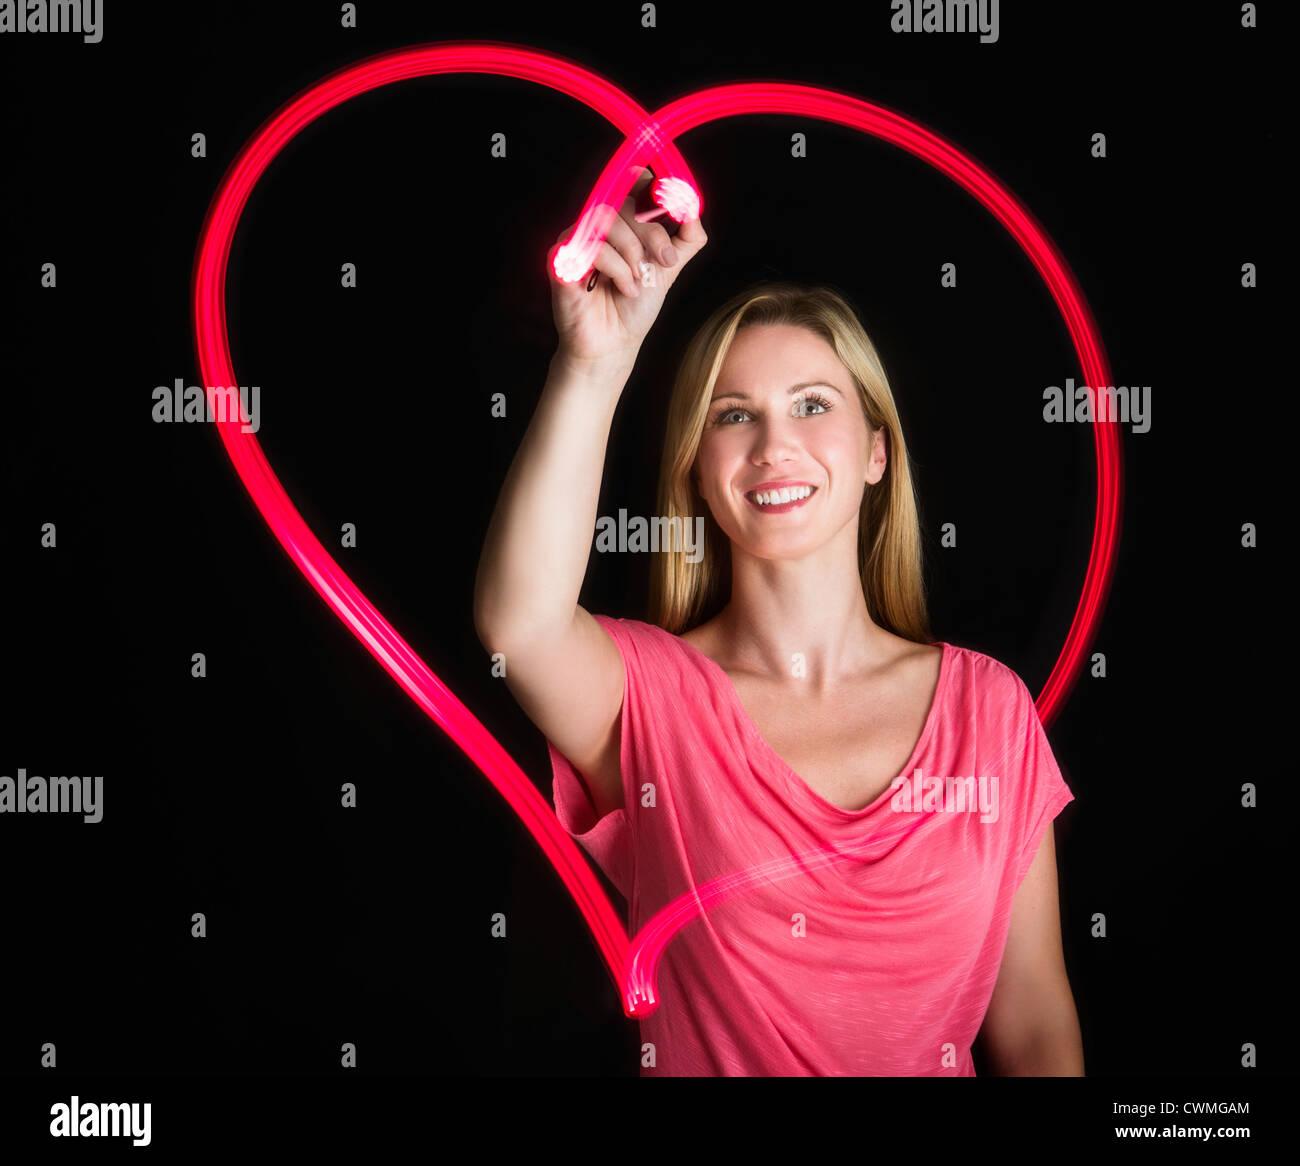 Mujer sacando corazón sobre fondo negro Foto de stock